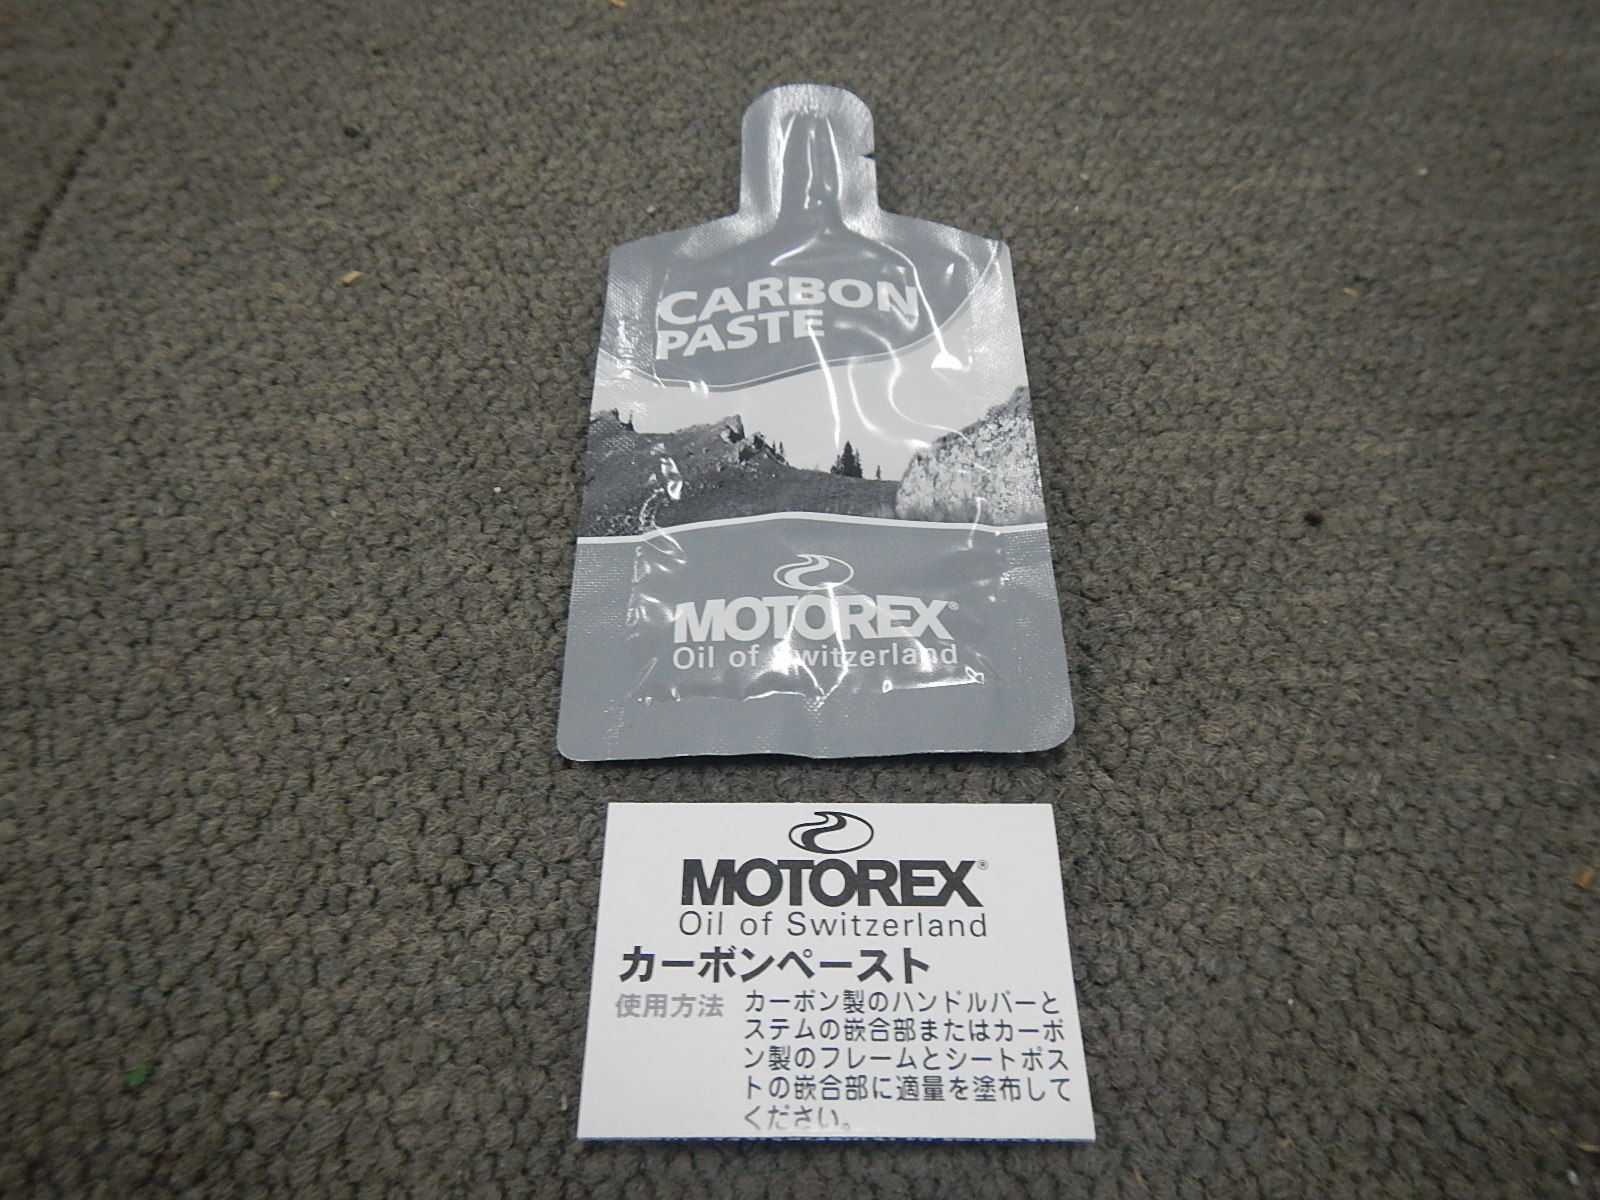 モトレックスの超人気商品です!_a0386742_13172108.jpg